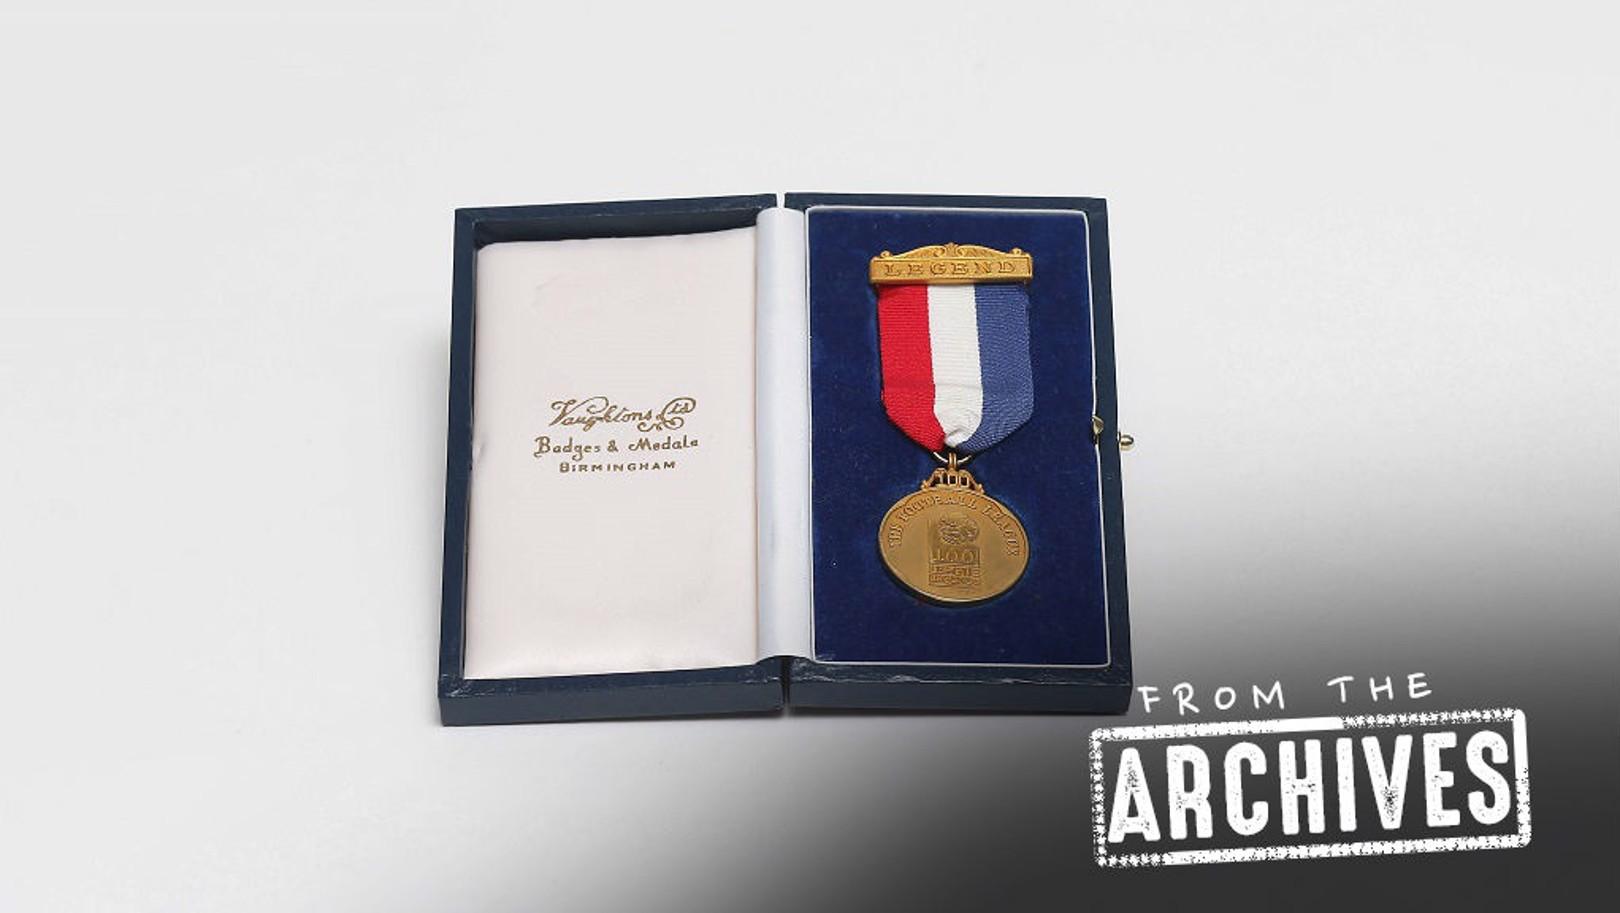 เหรียญรางวัล 100 แข้งยอดเยี่ยมของพรีเมียร์ลีกอังกฤษ ที่มอบให้เมื่อปี 1998 เนื่องในโอกาสสมาคมฟุตบอลอังกฤษก่อตั้งครบ 100 ปี